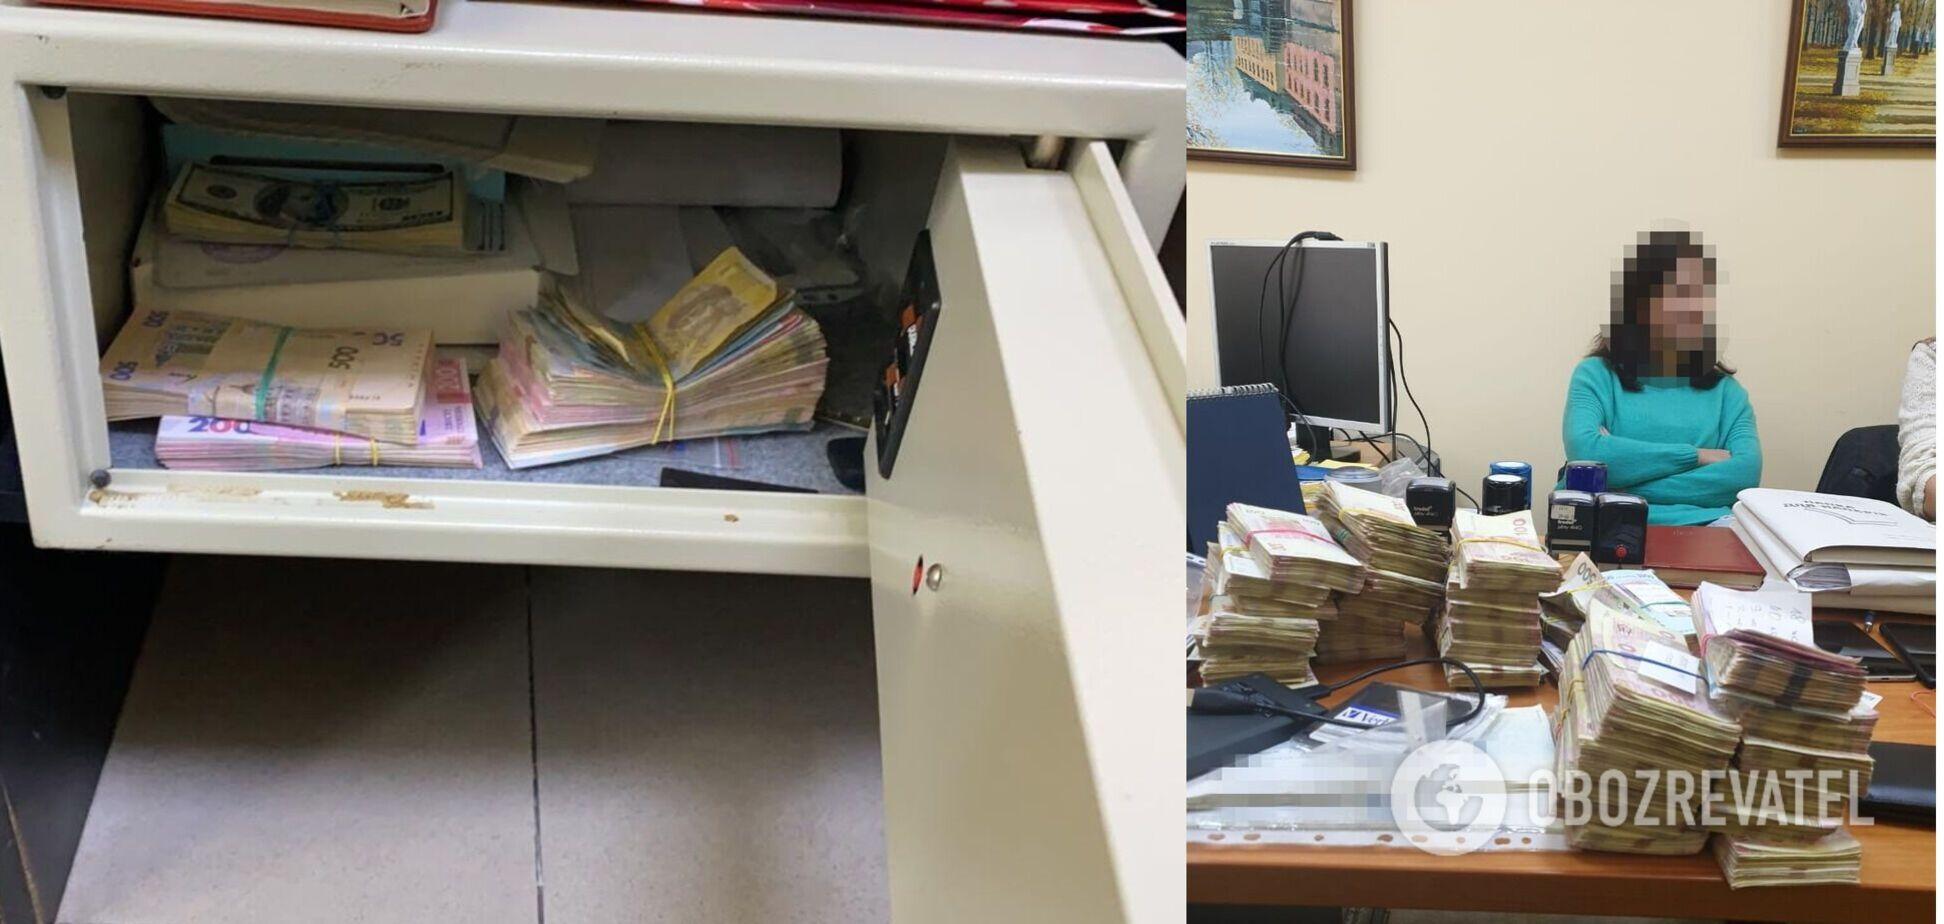 У Дніпрі накрили конвертаційний центр з обігом у сотні мільйонів гривень. Фото